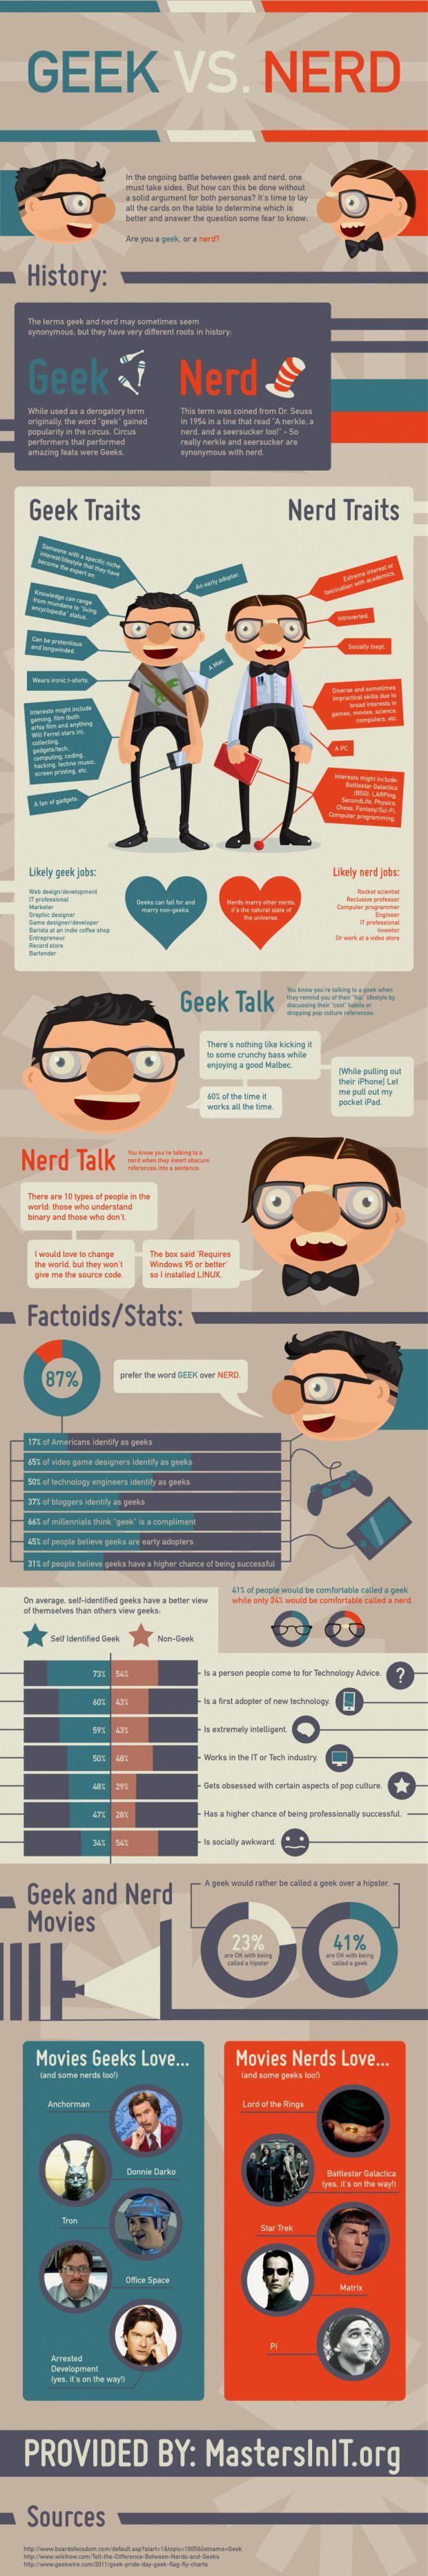 Geeks vs Nerds - I'm definitely a geek